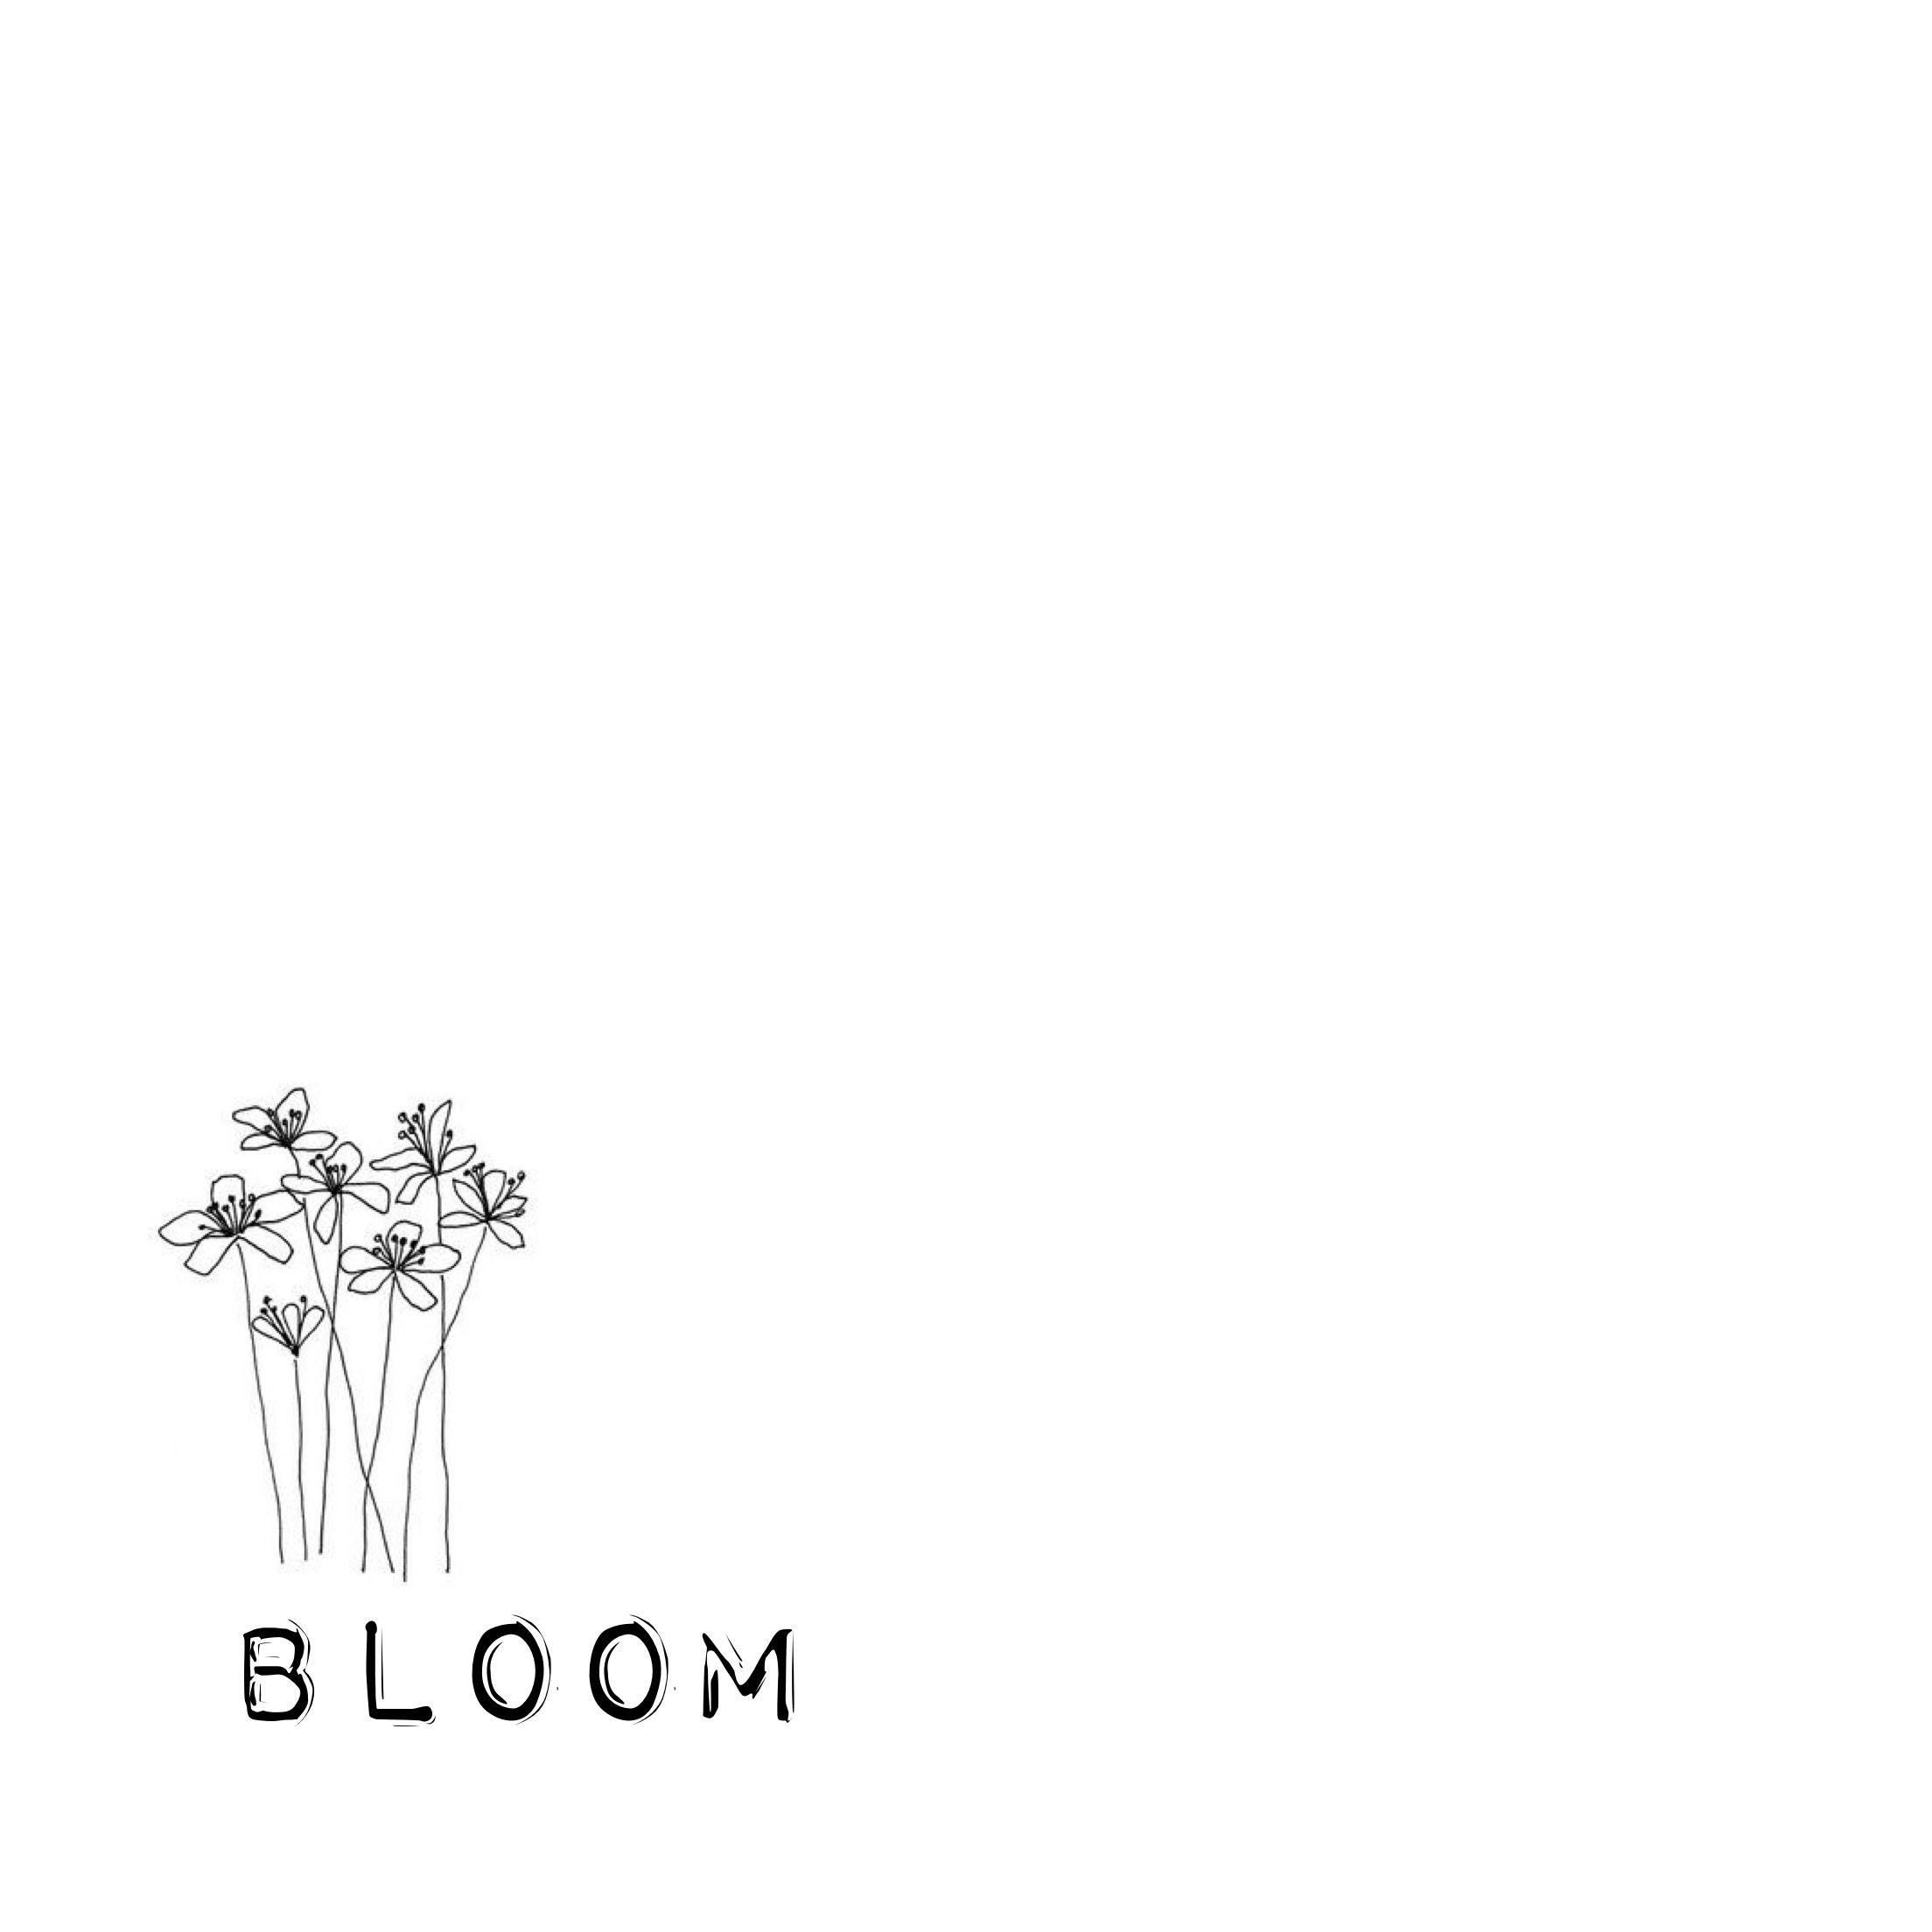 Allan bloom music essay summary